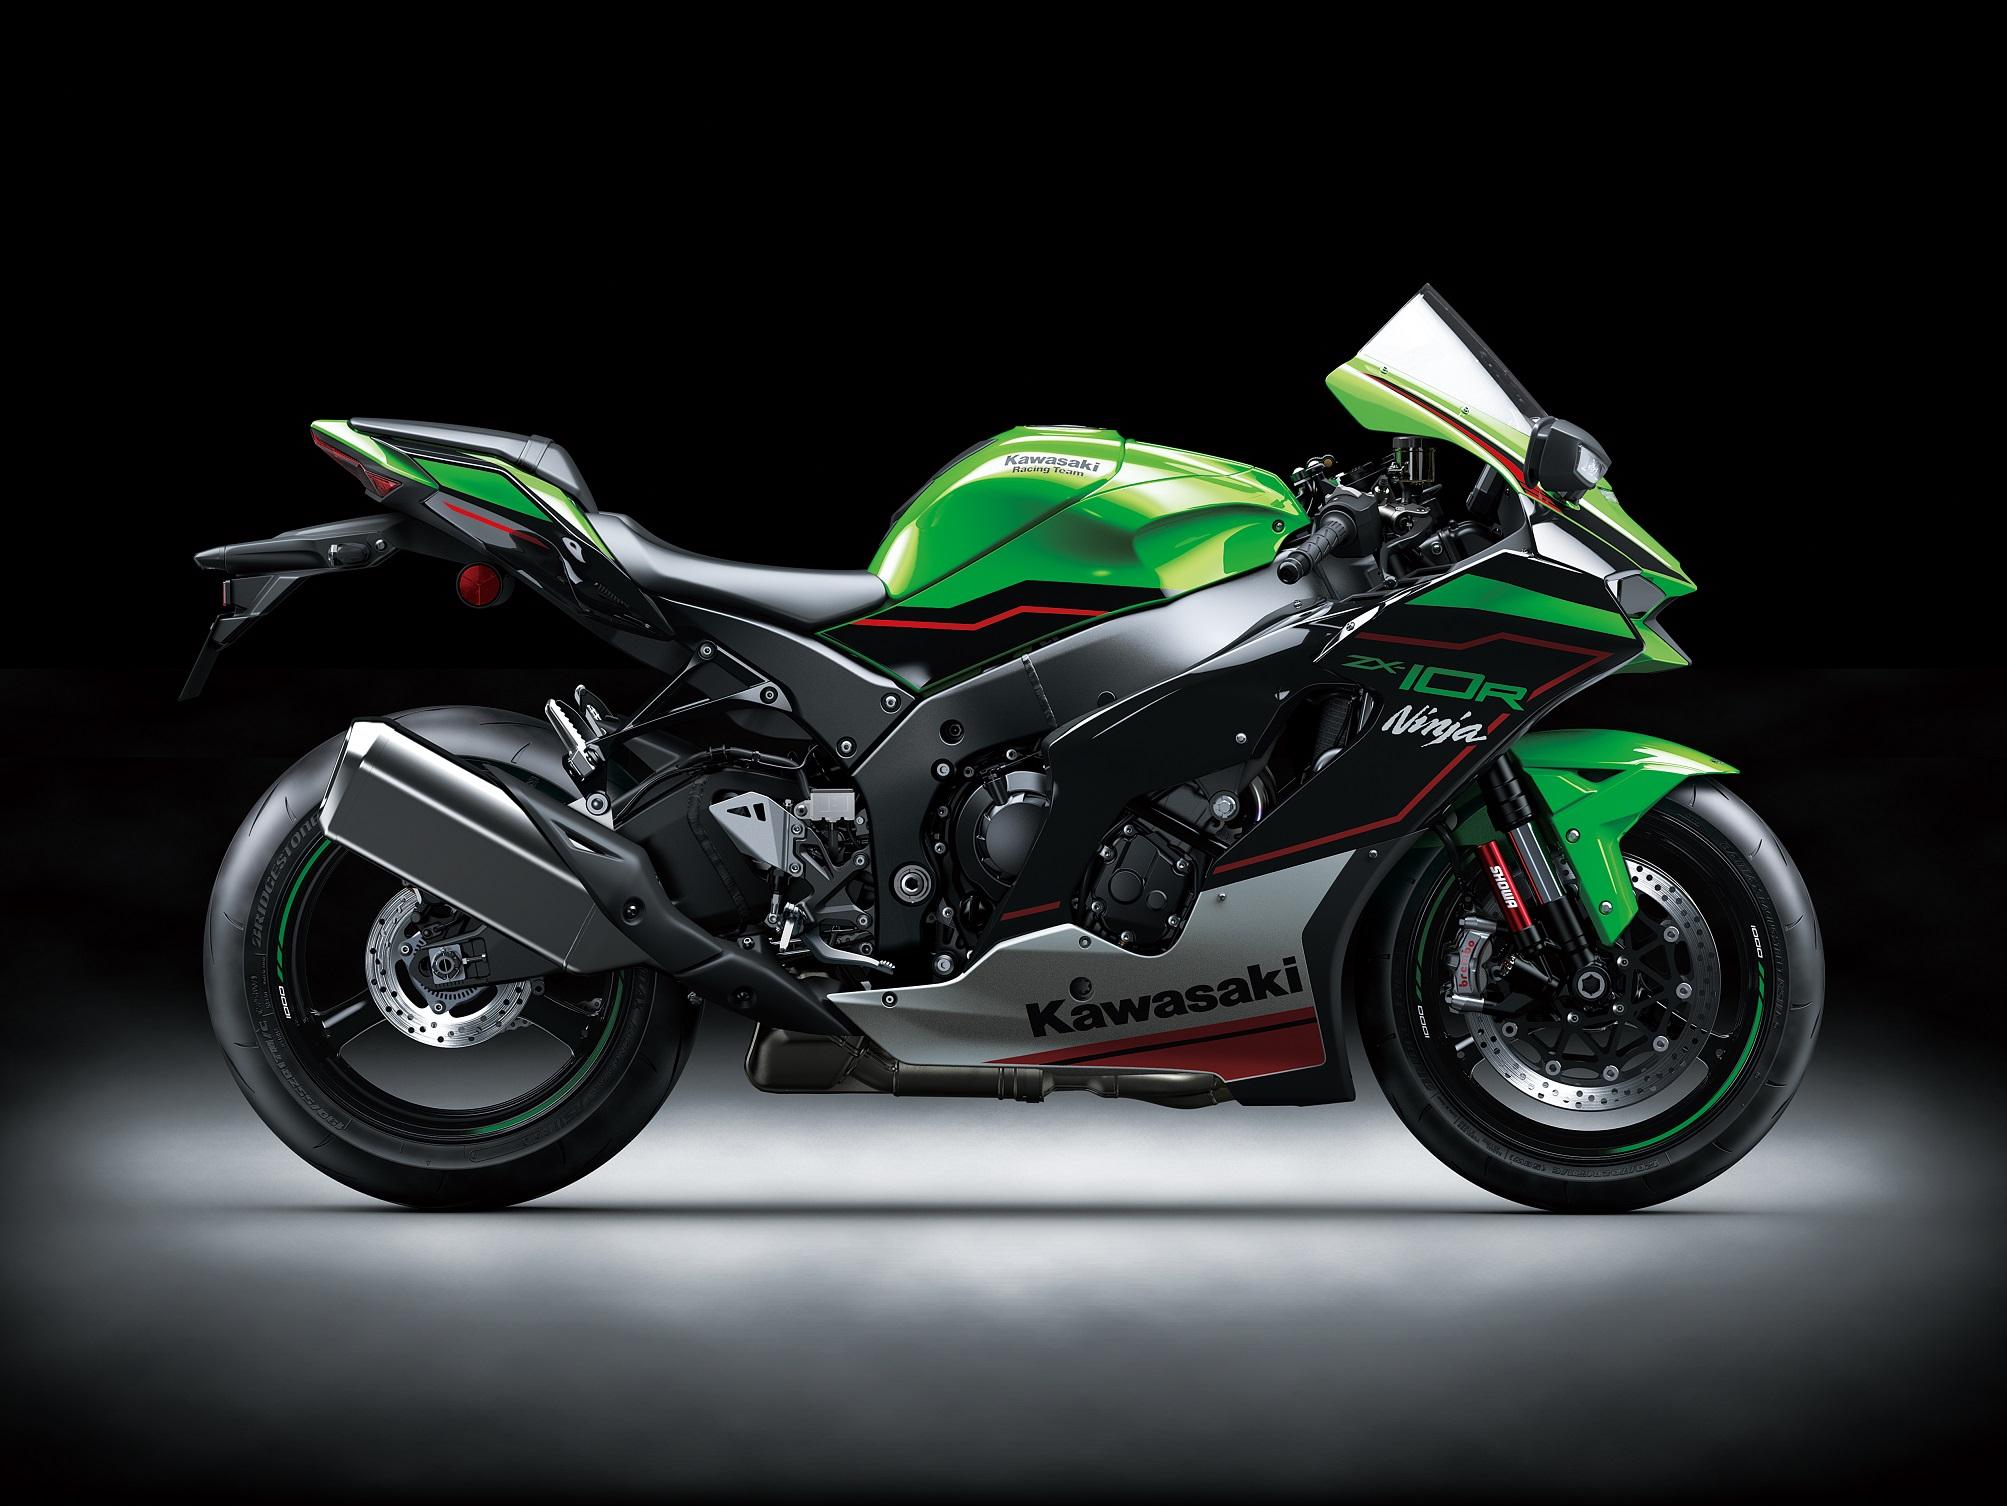 3. Kawasaki Ninja Zx 10r 2022